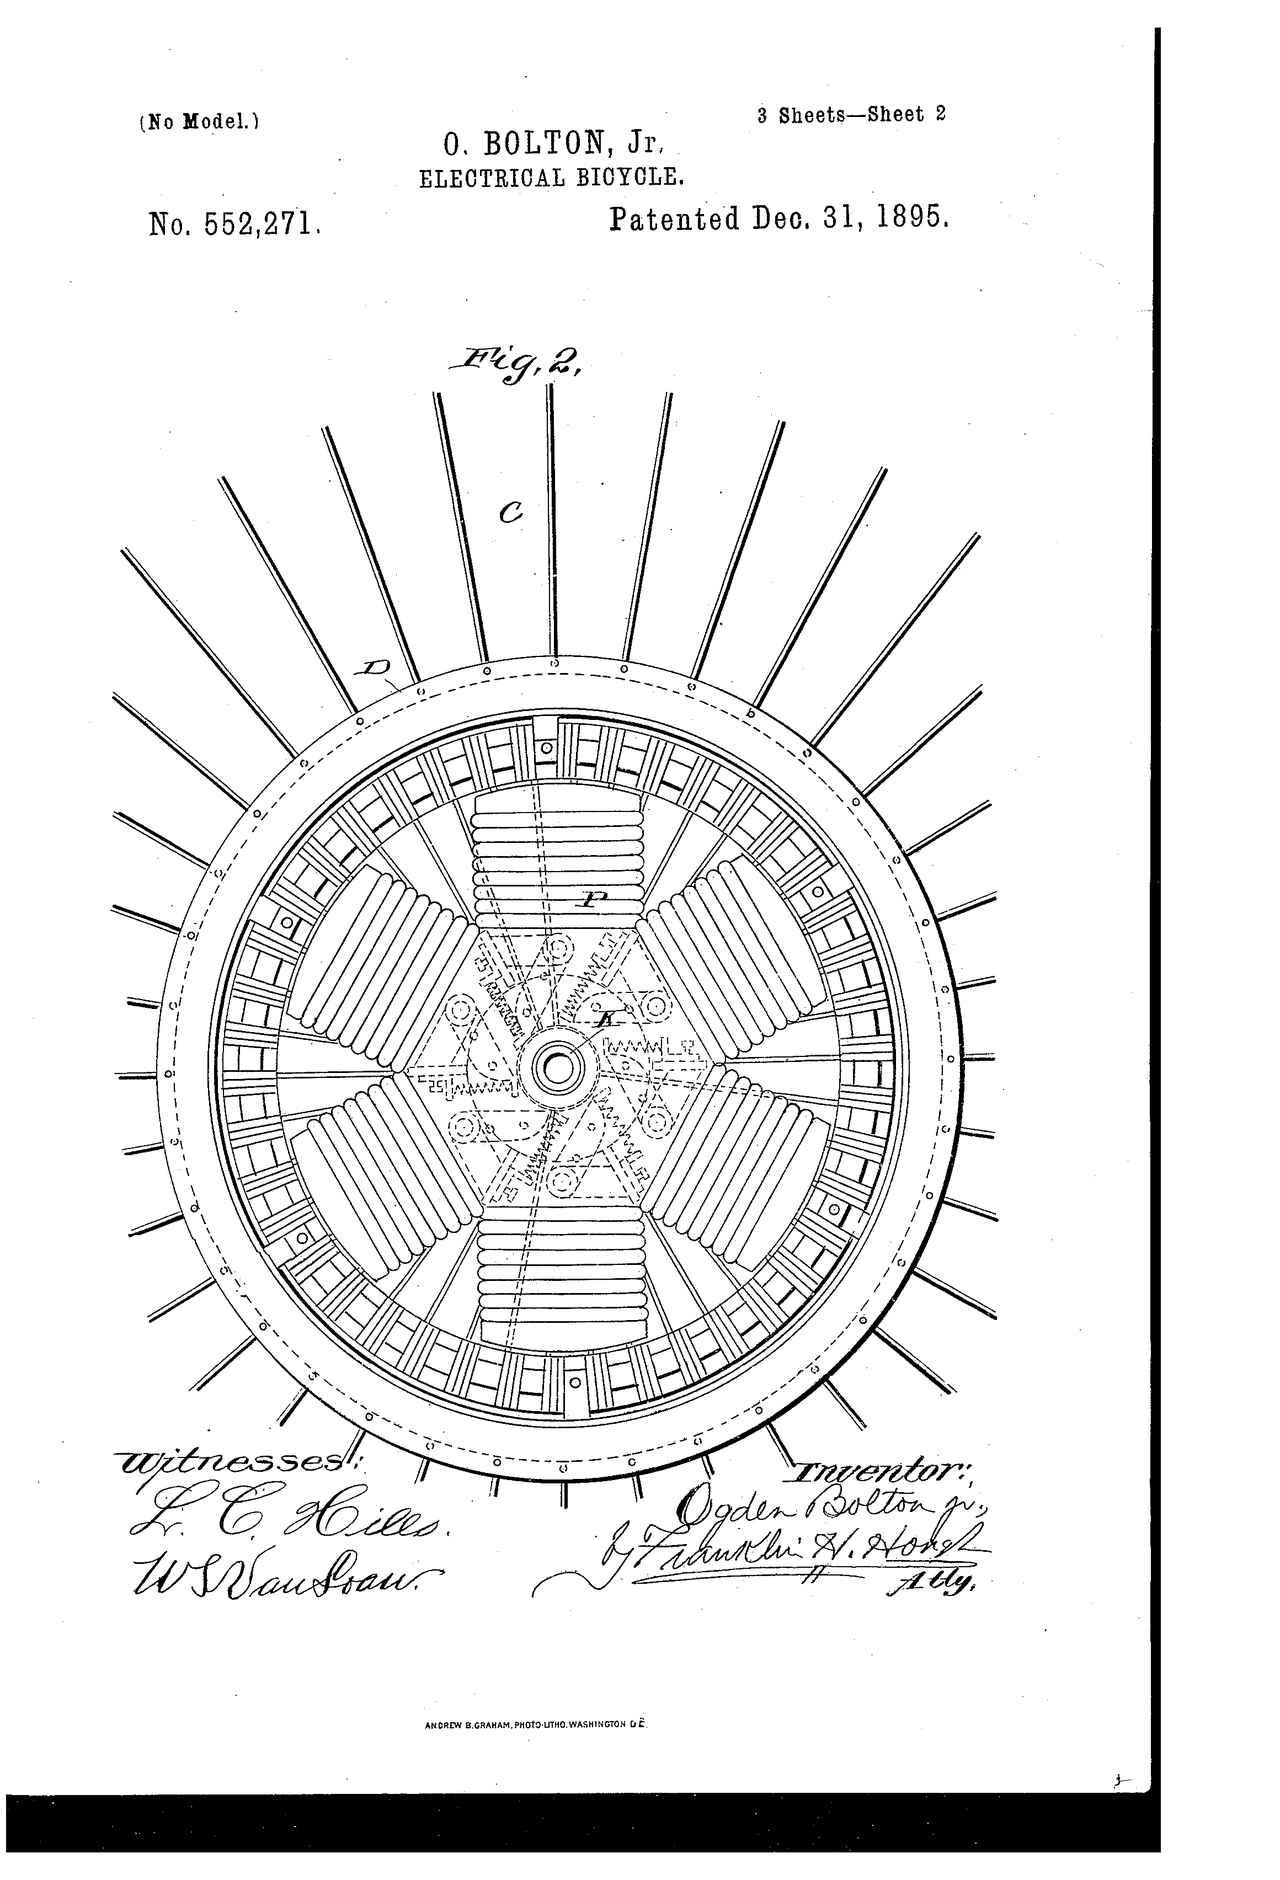 画像: ハブモーターは6極の直流式。最大100Ahの電流をバッテリーから供給する・・・ということです。 patents.google.com